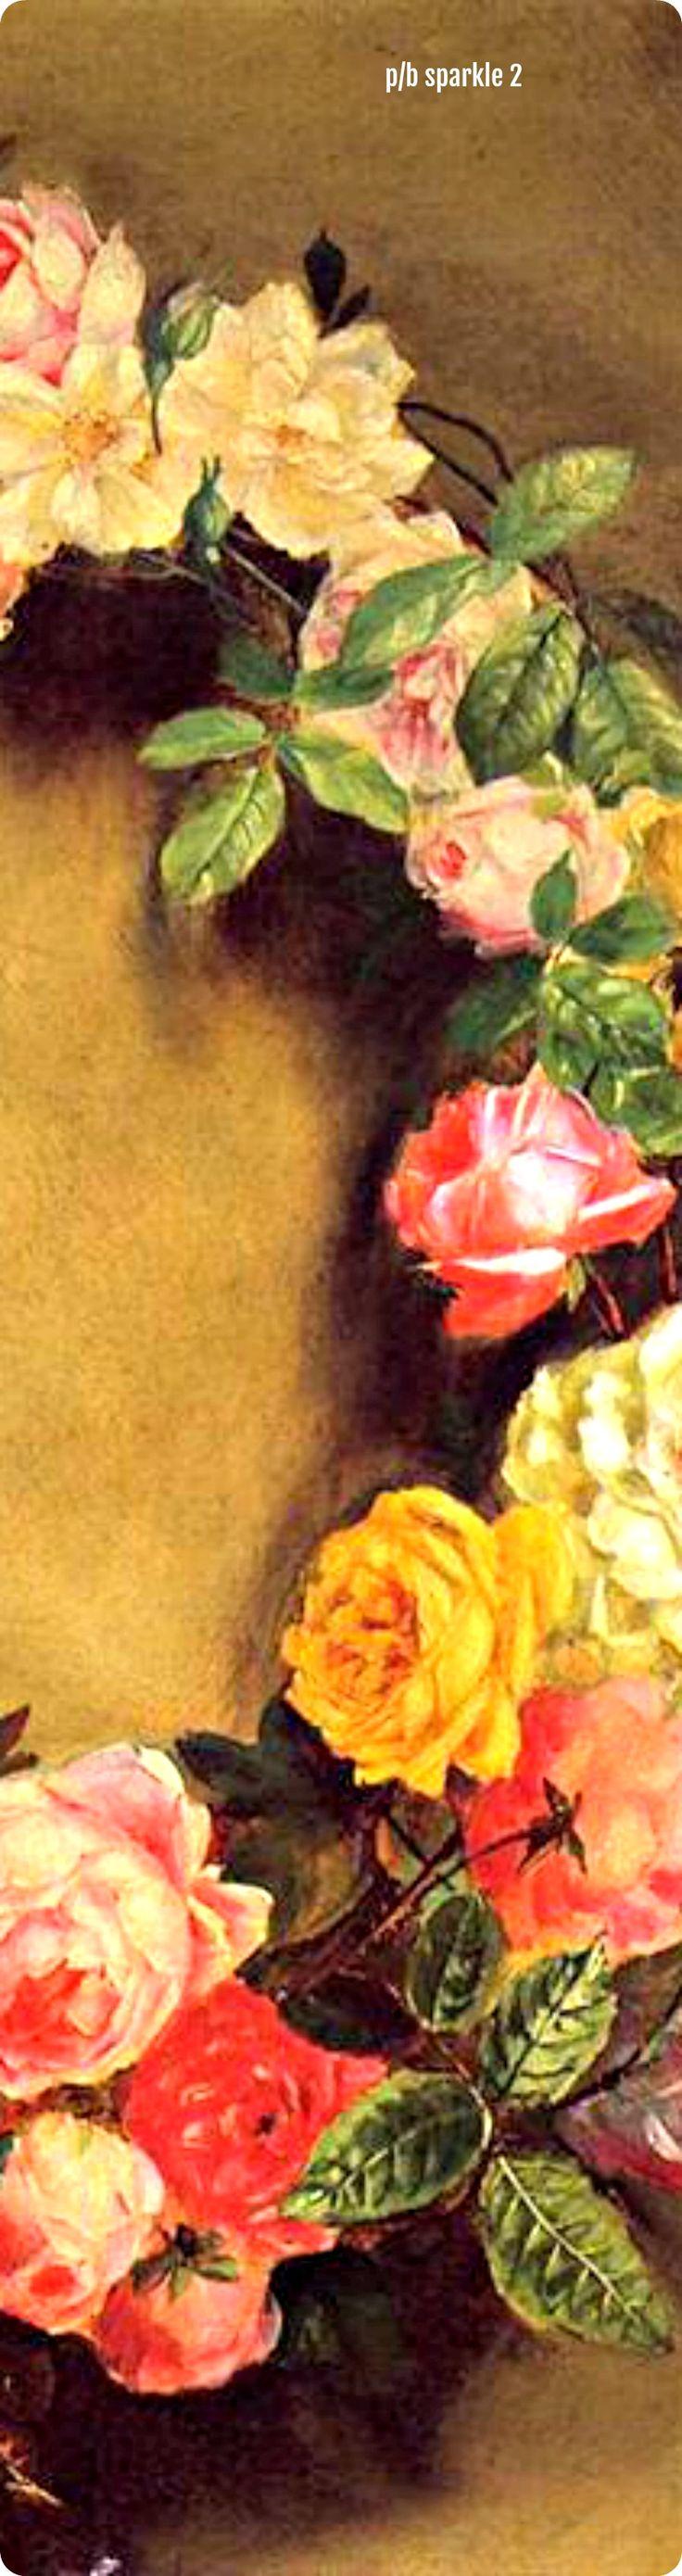 Pierre-Auguste Renoir (1841-1919): Crown of Roses, 1858 (right side)